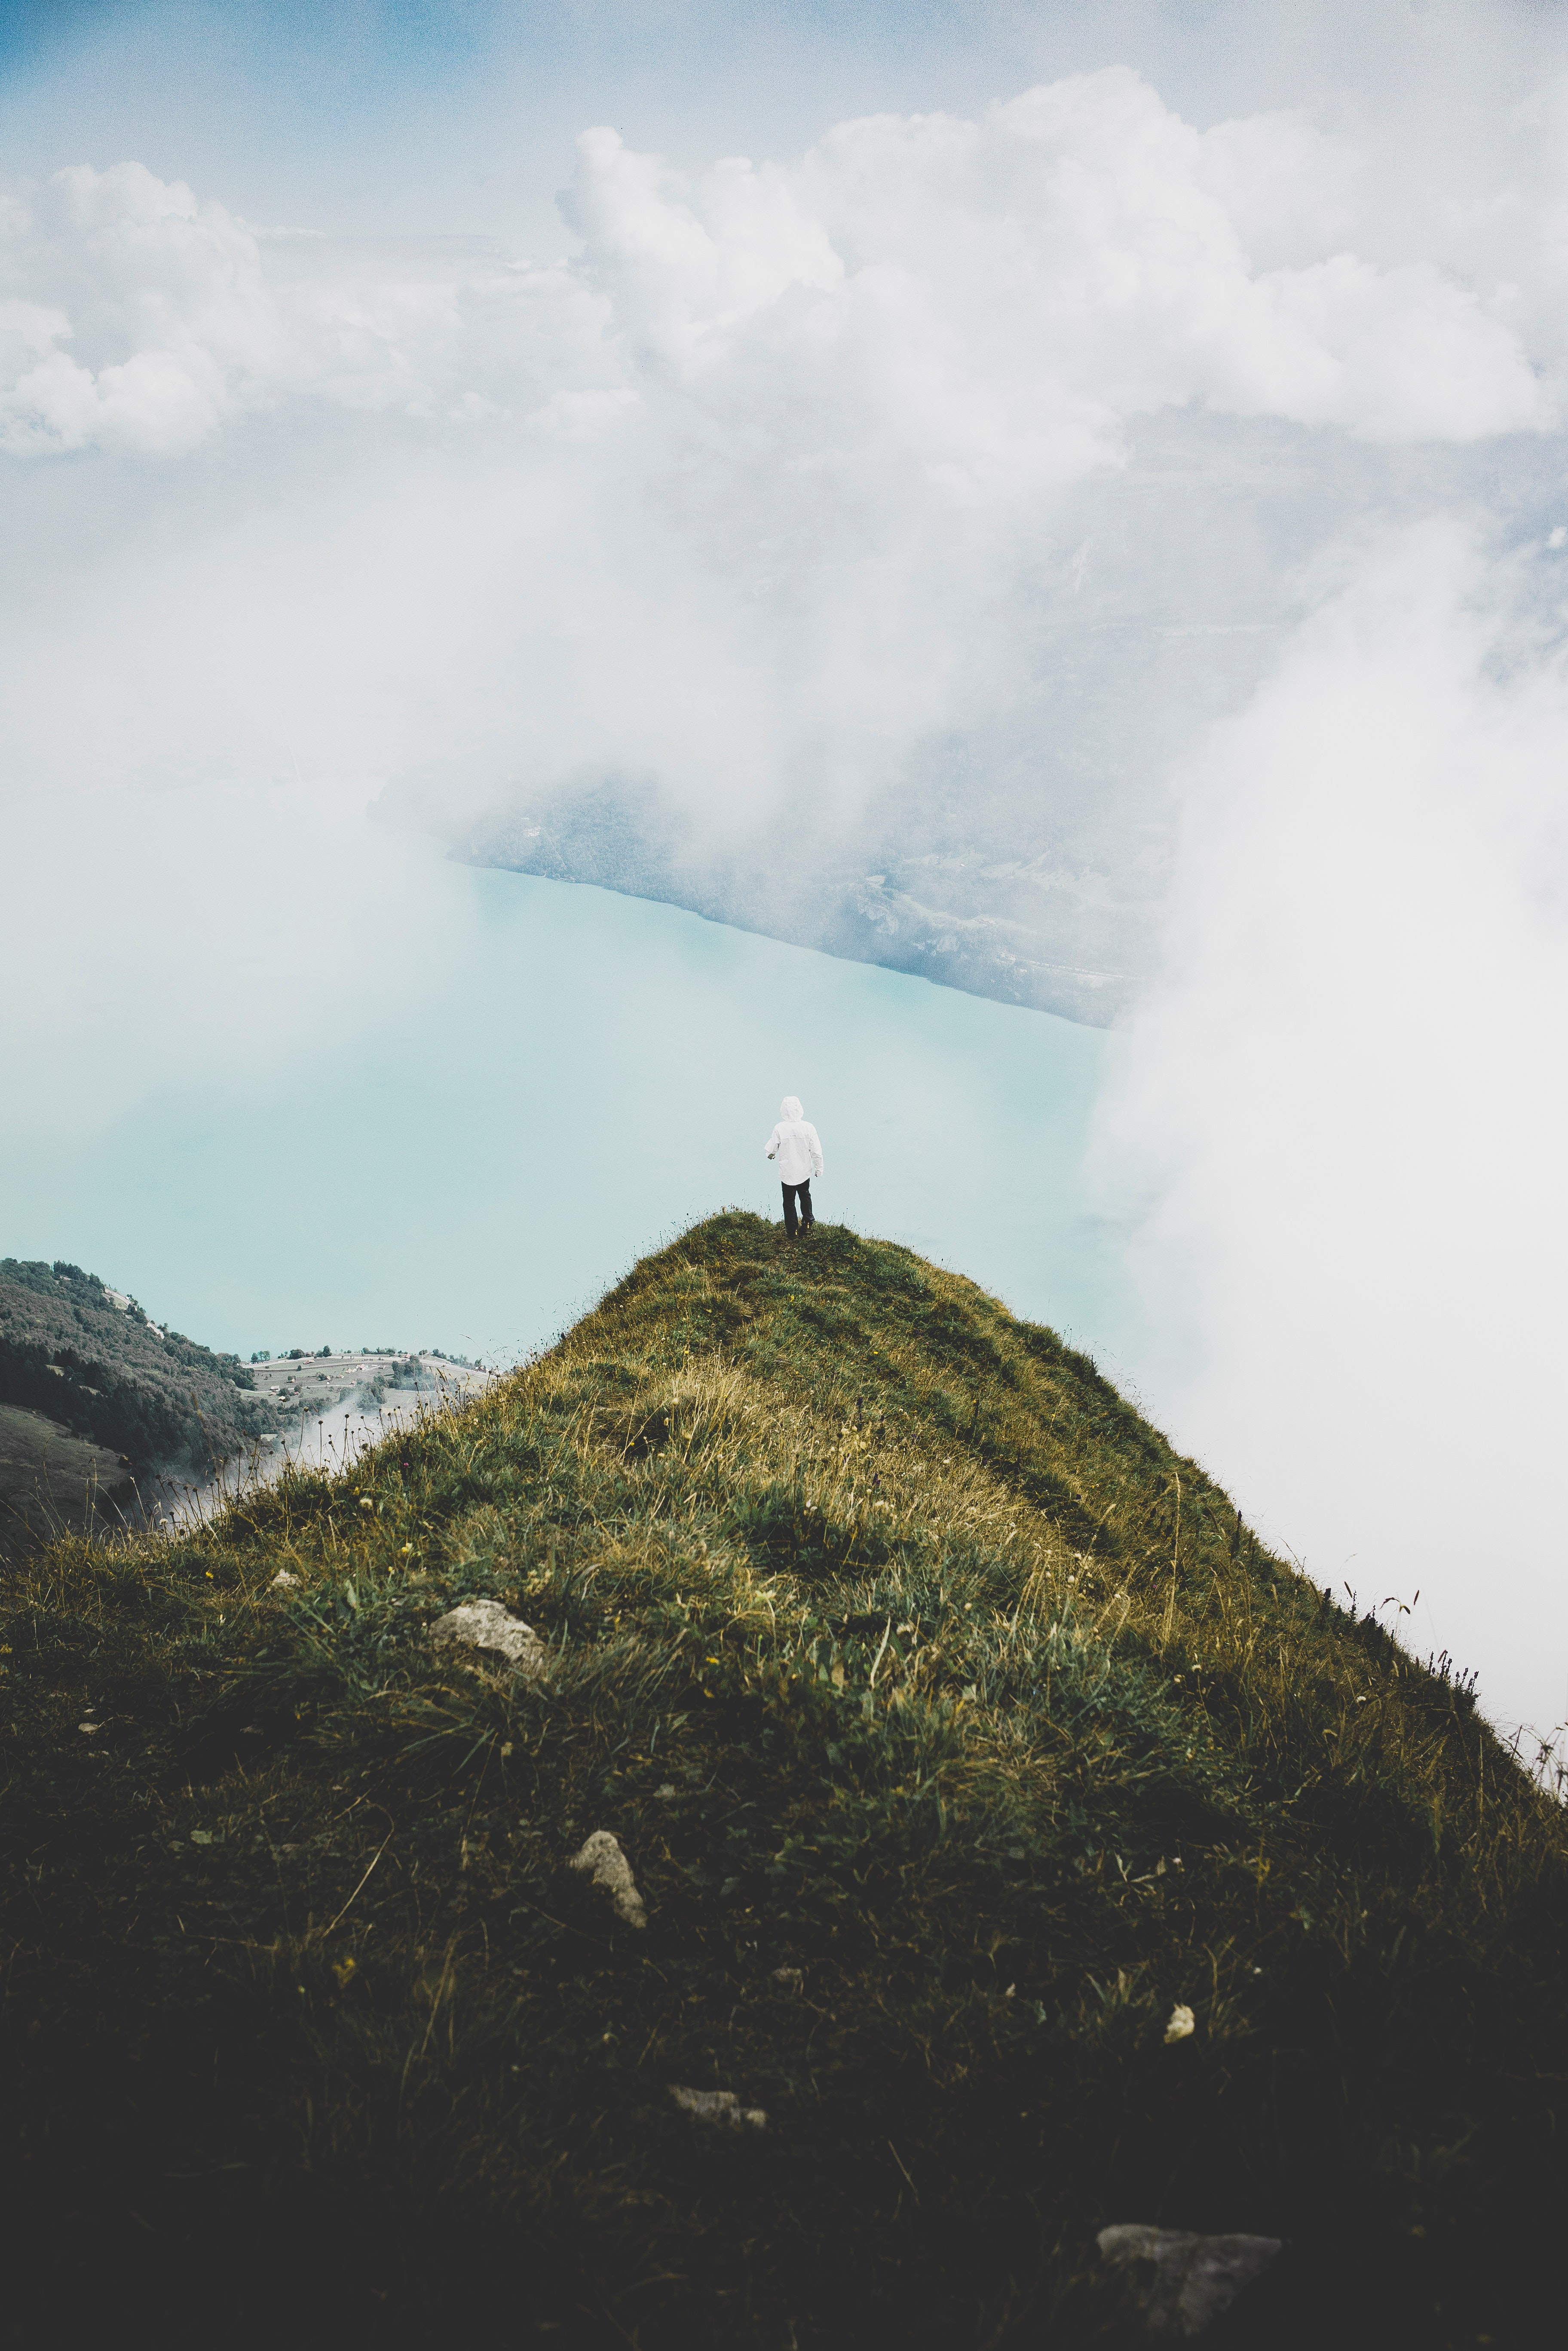 86786 скачать обои Природа, Гора, Вершина, Одиночество, Облака, Уединение, Одинокий, Человек - заставки и картинки бесплатно